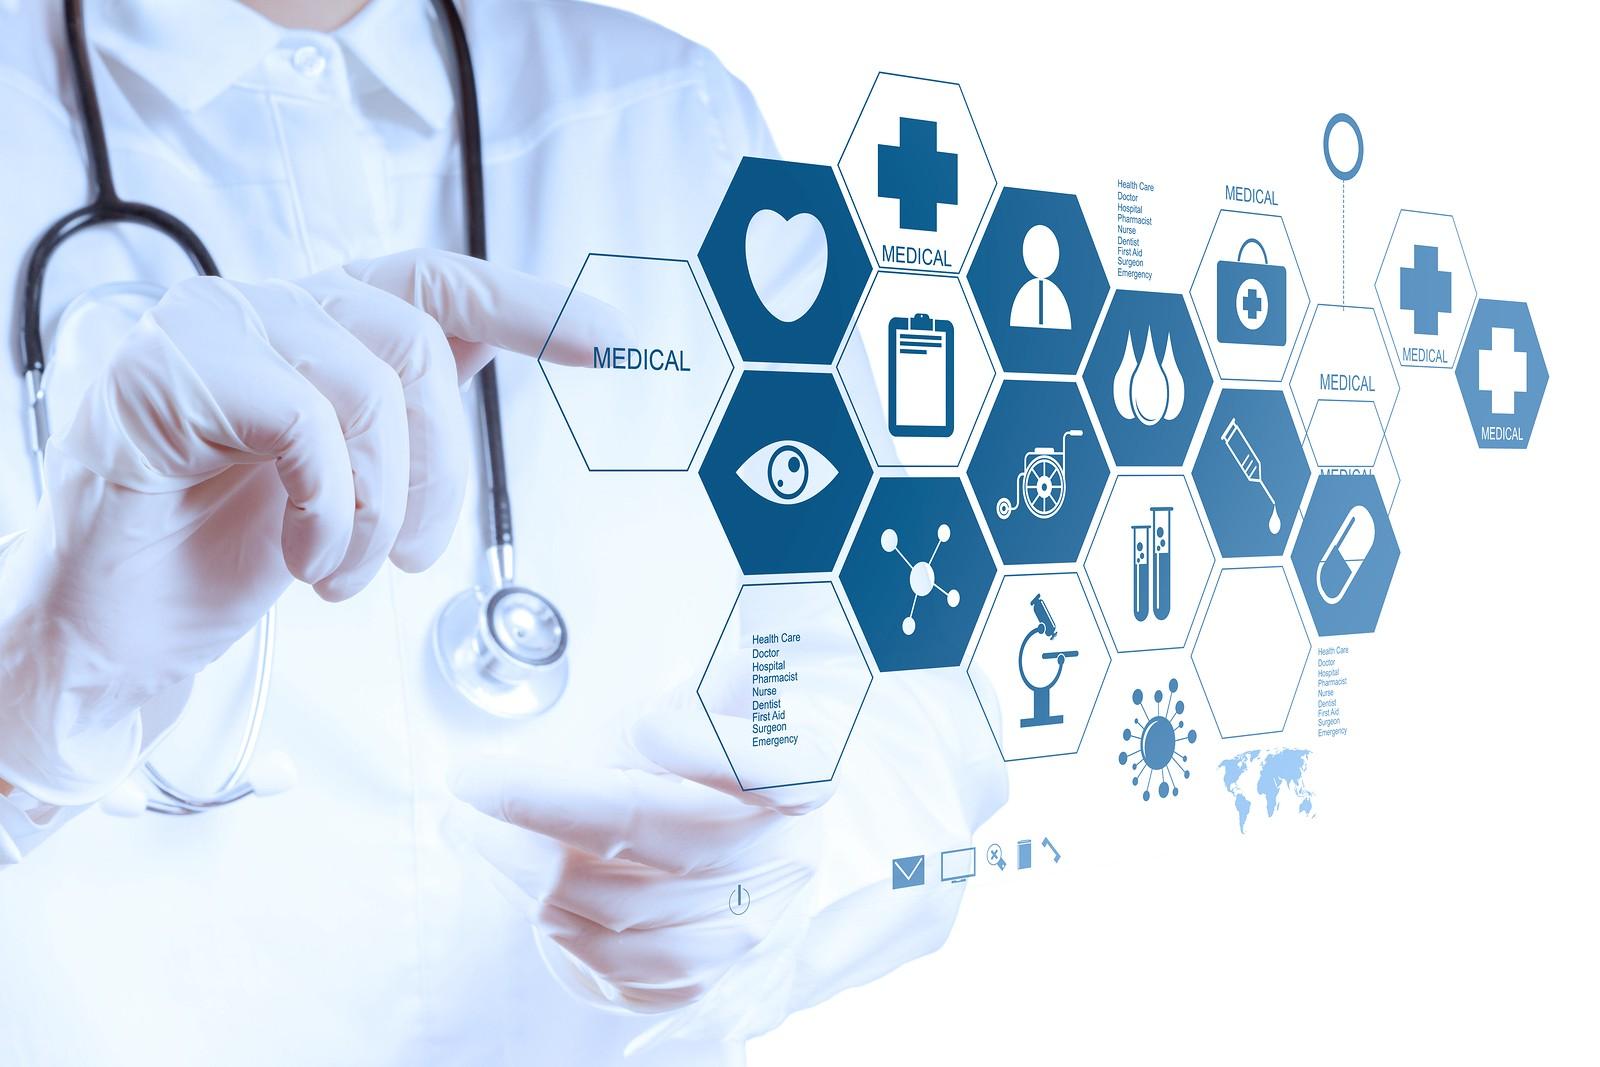 healthcareData